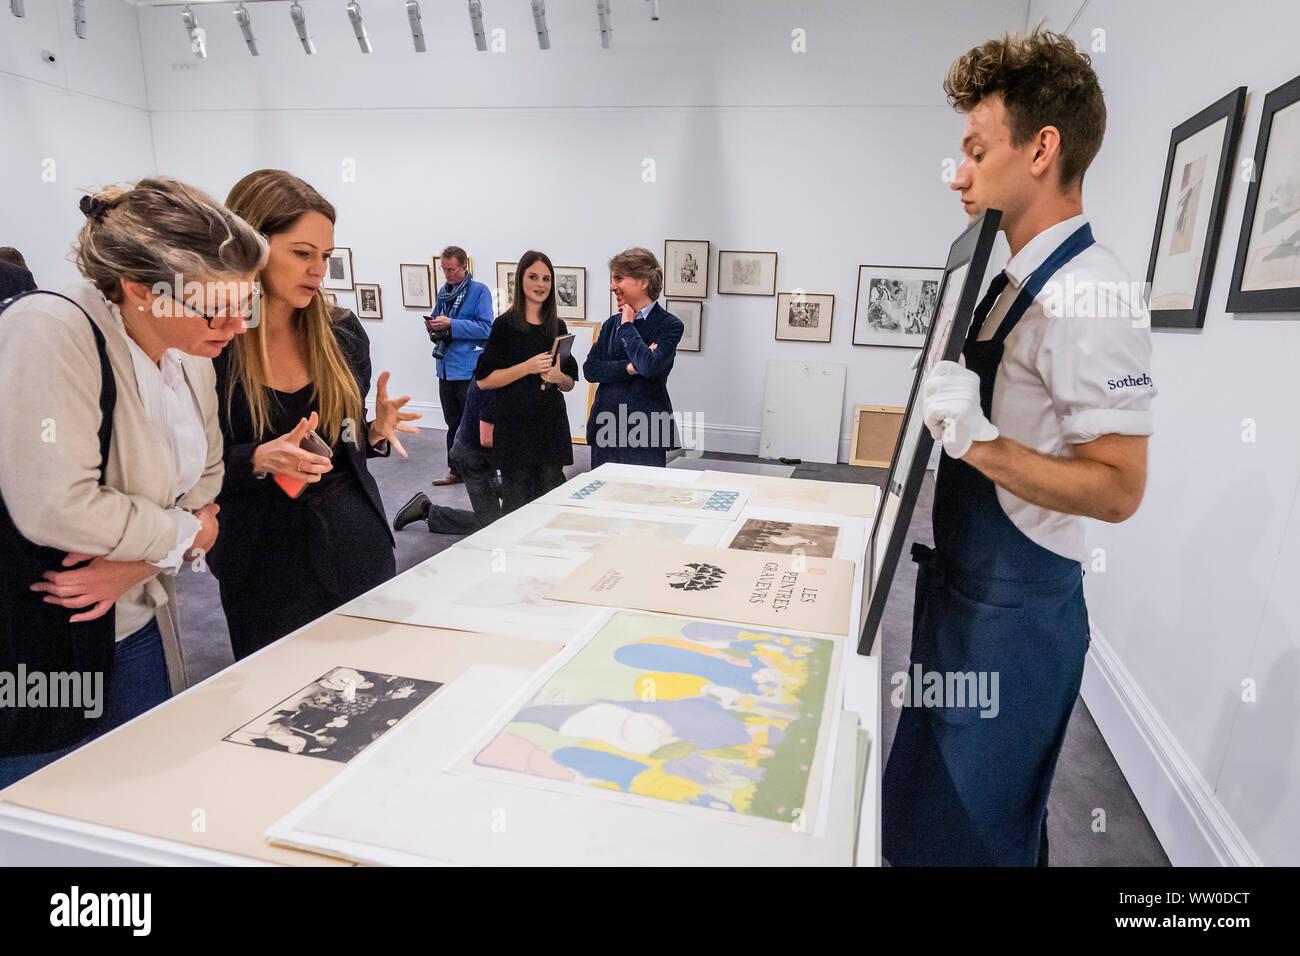 London, Großbritannien. 12 Sep, 2019. Die komplette, multi-Artist Album Les Peintres-Graveurs, Schätzung von 500.000 £ £ 1.000.000, im Besitz von Händler und Verleger Ambroise Vollard. Er war verantwortlich für die Validierung der Lithographie als Kunstform, als auch die Ausbreitung der größten Impressionistischen und Post-Impressionist Artists. In Paris 1896 ausgestellt, seine erste multi-artist Portfolio Les Peintres-Graveurs umfasst 22 Ausdrucke durch die Gleichen von Pierre Bonnard, Odilon Redon, Théo Van Rysselberghe, Auguste Renoir, und Edouard Vuillard. Credit: Guy Bell/Alamy leben Nachrichten Stockfoto